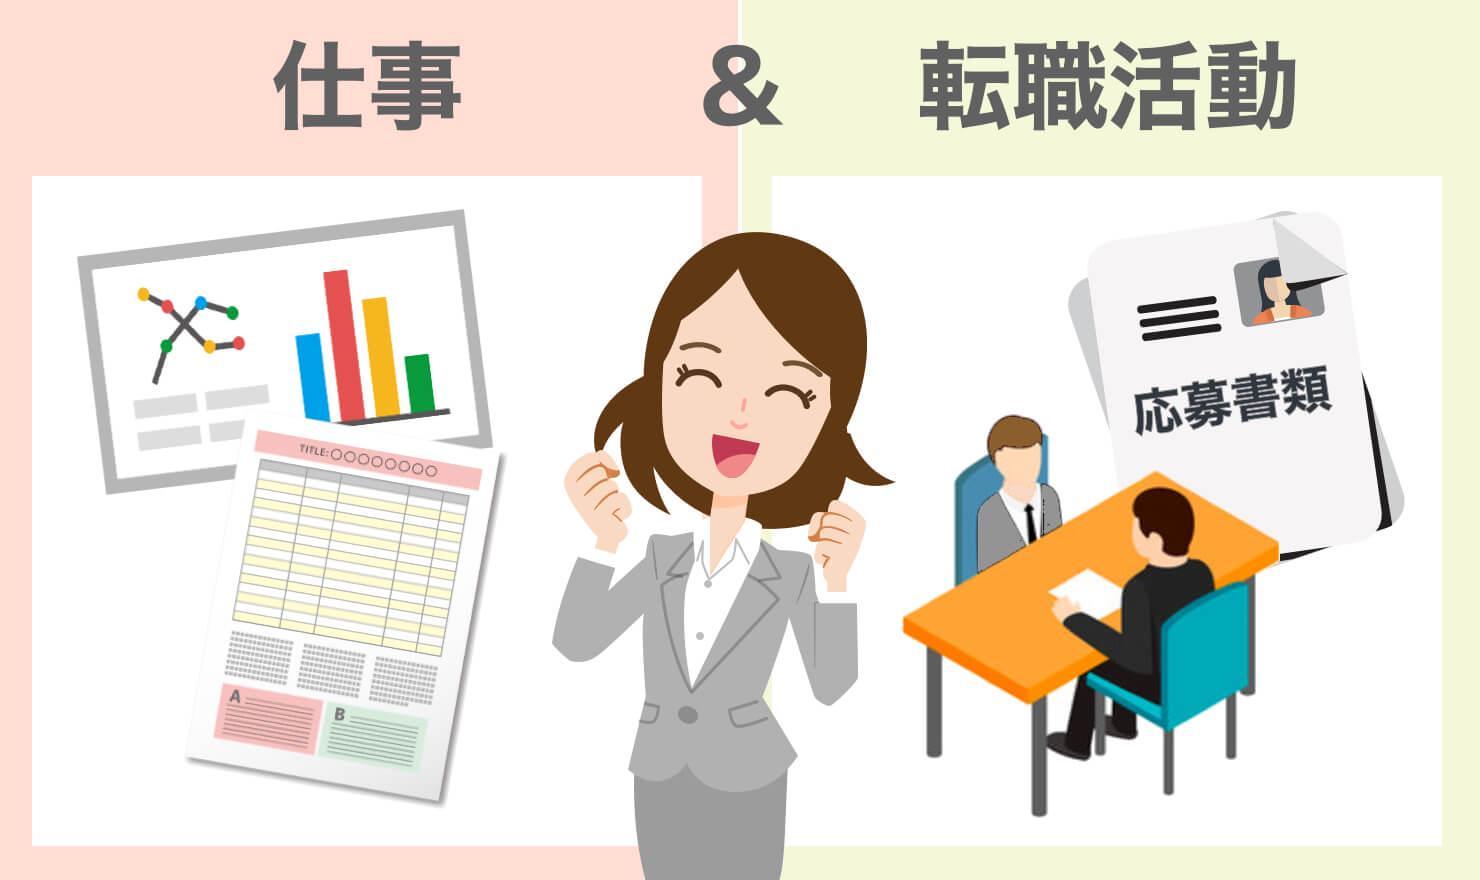 在職中の転職活動にはコツがある!転職をスムーズに進める方法 | JOBSHIL